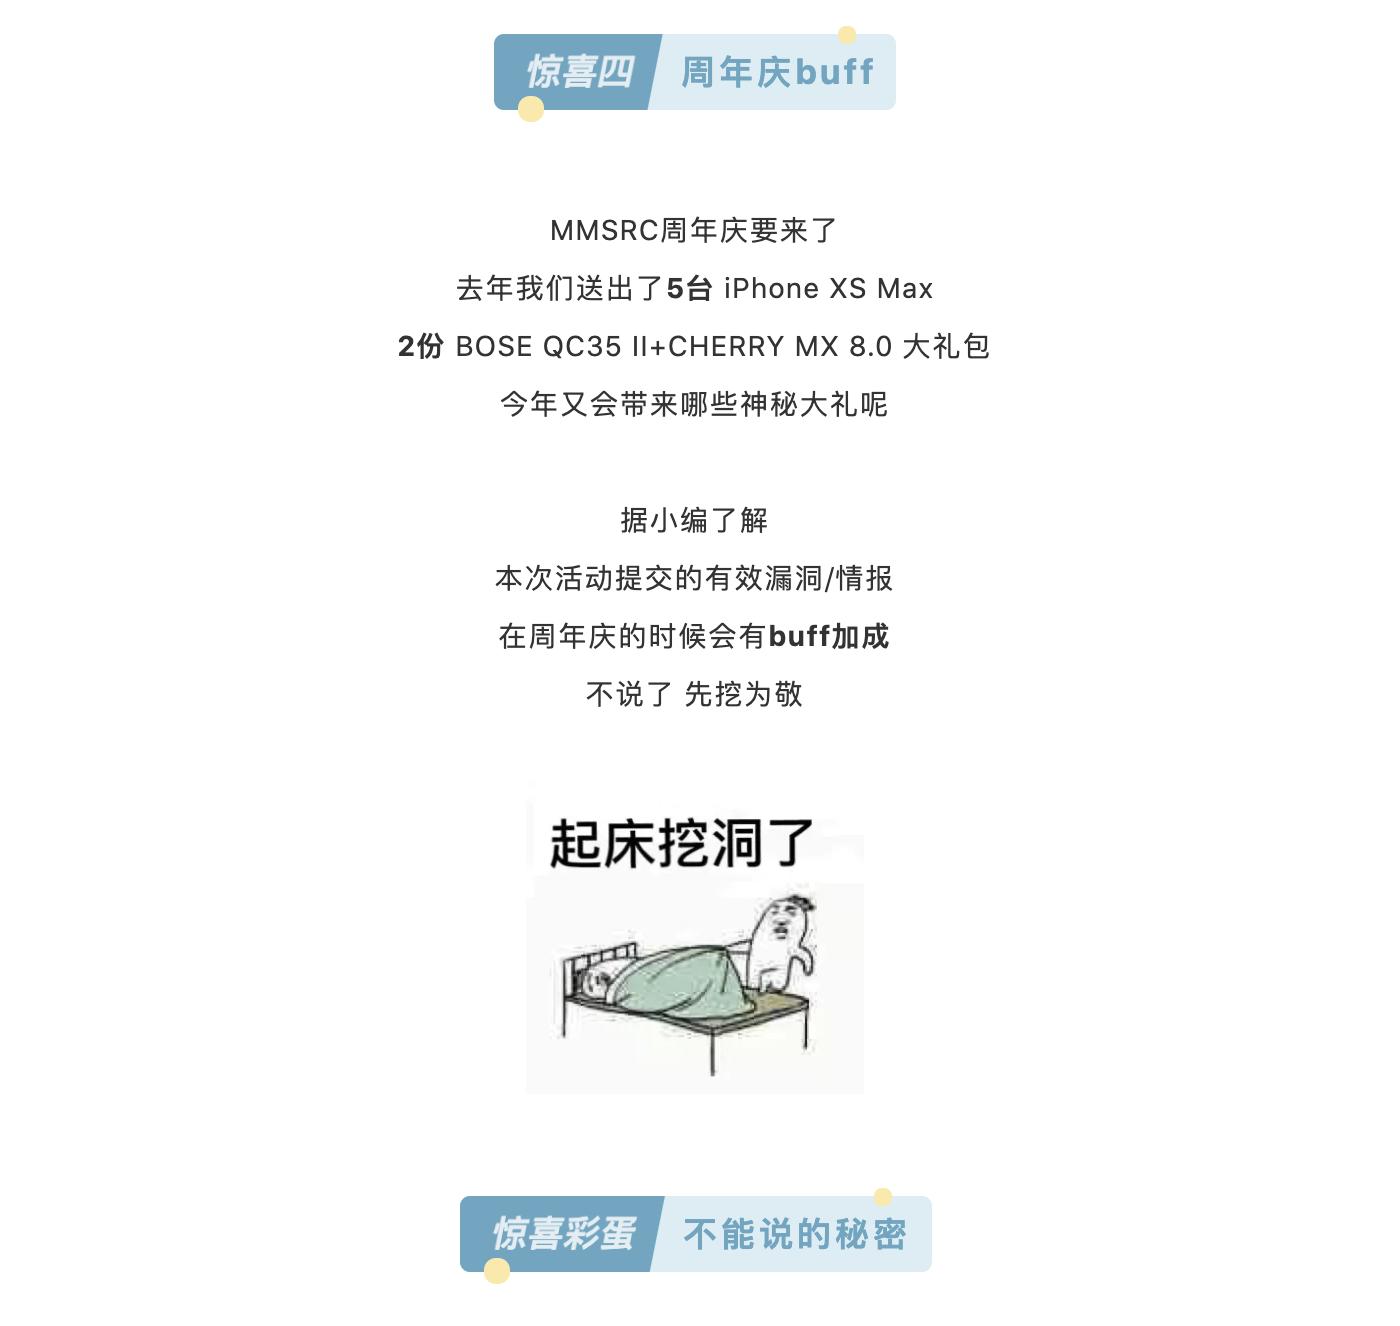 https://momo-mmsrc.oss-cn-hangzhou.aliyuncs.com/img-c78325a8-12d4-38d6-805a-3c86daef27e7.png